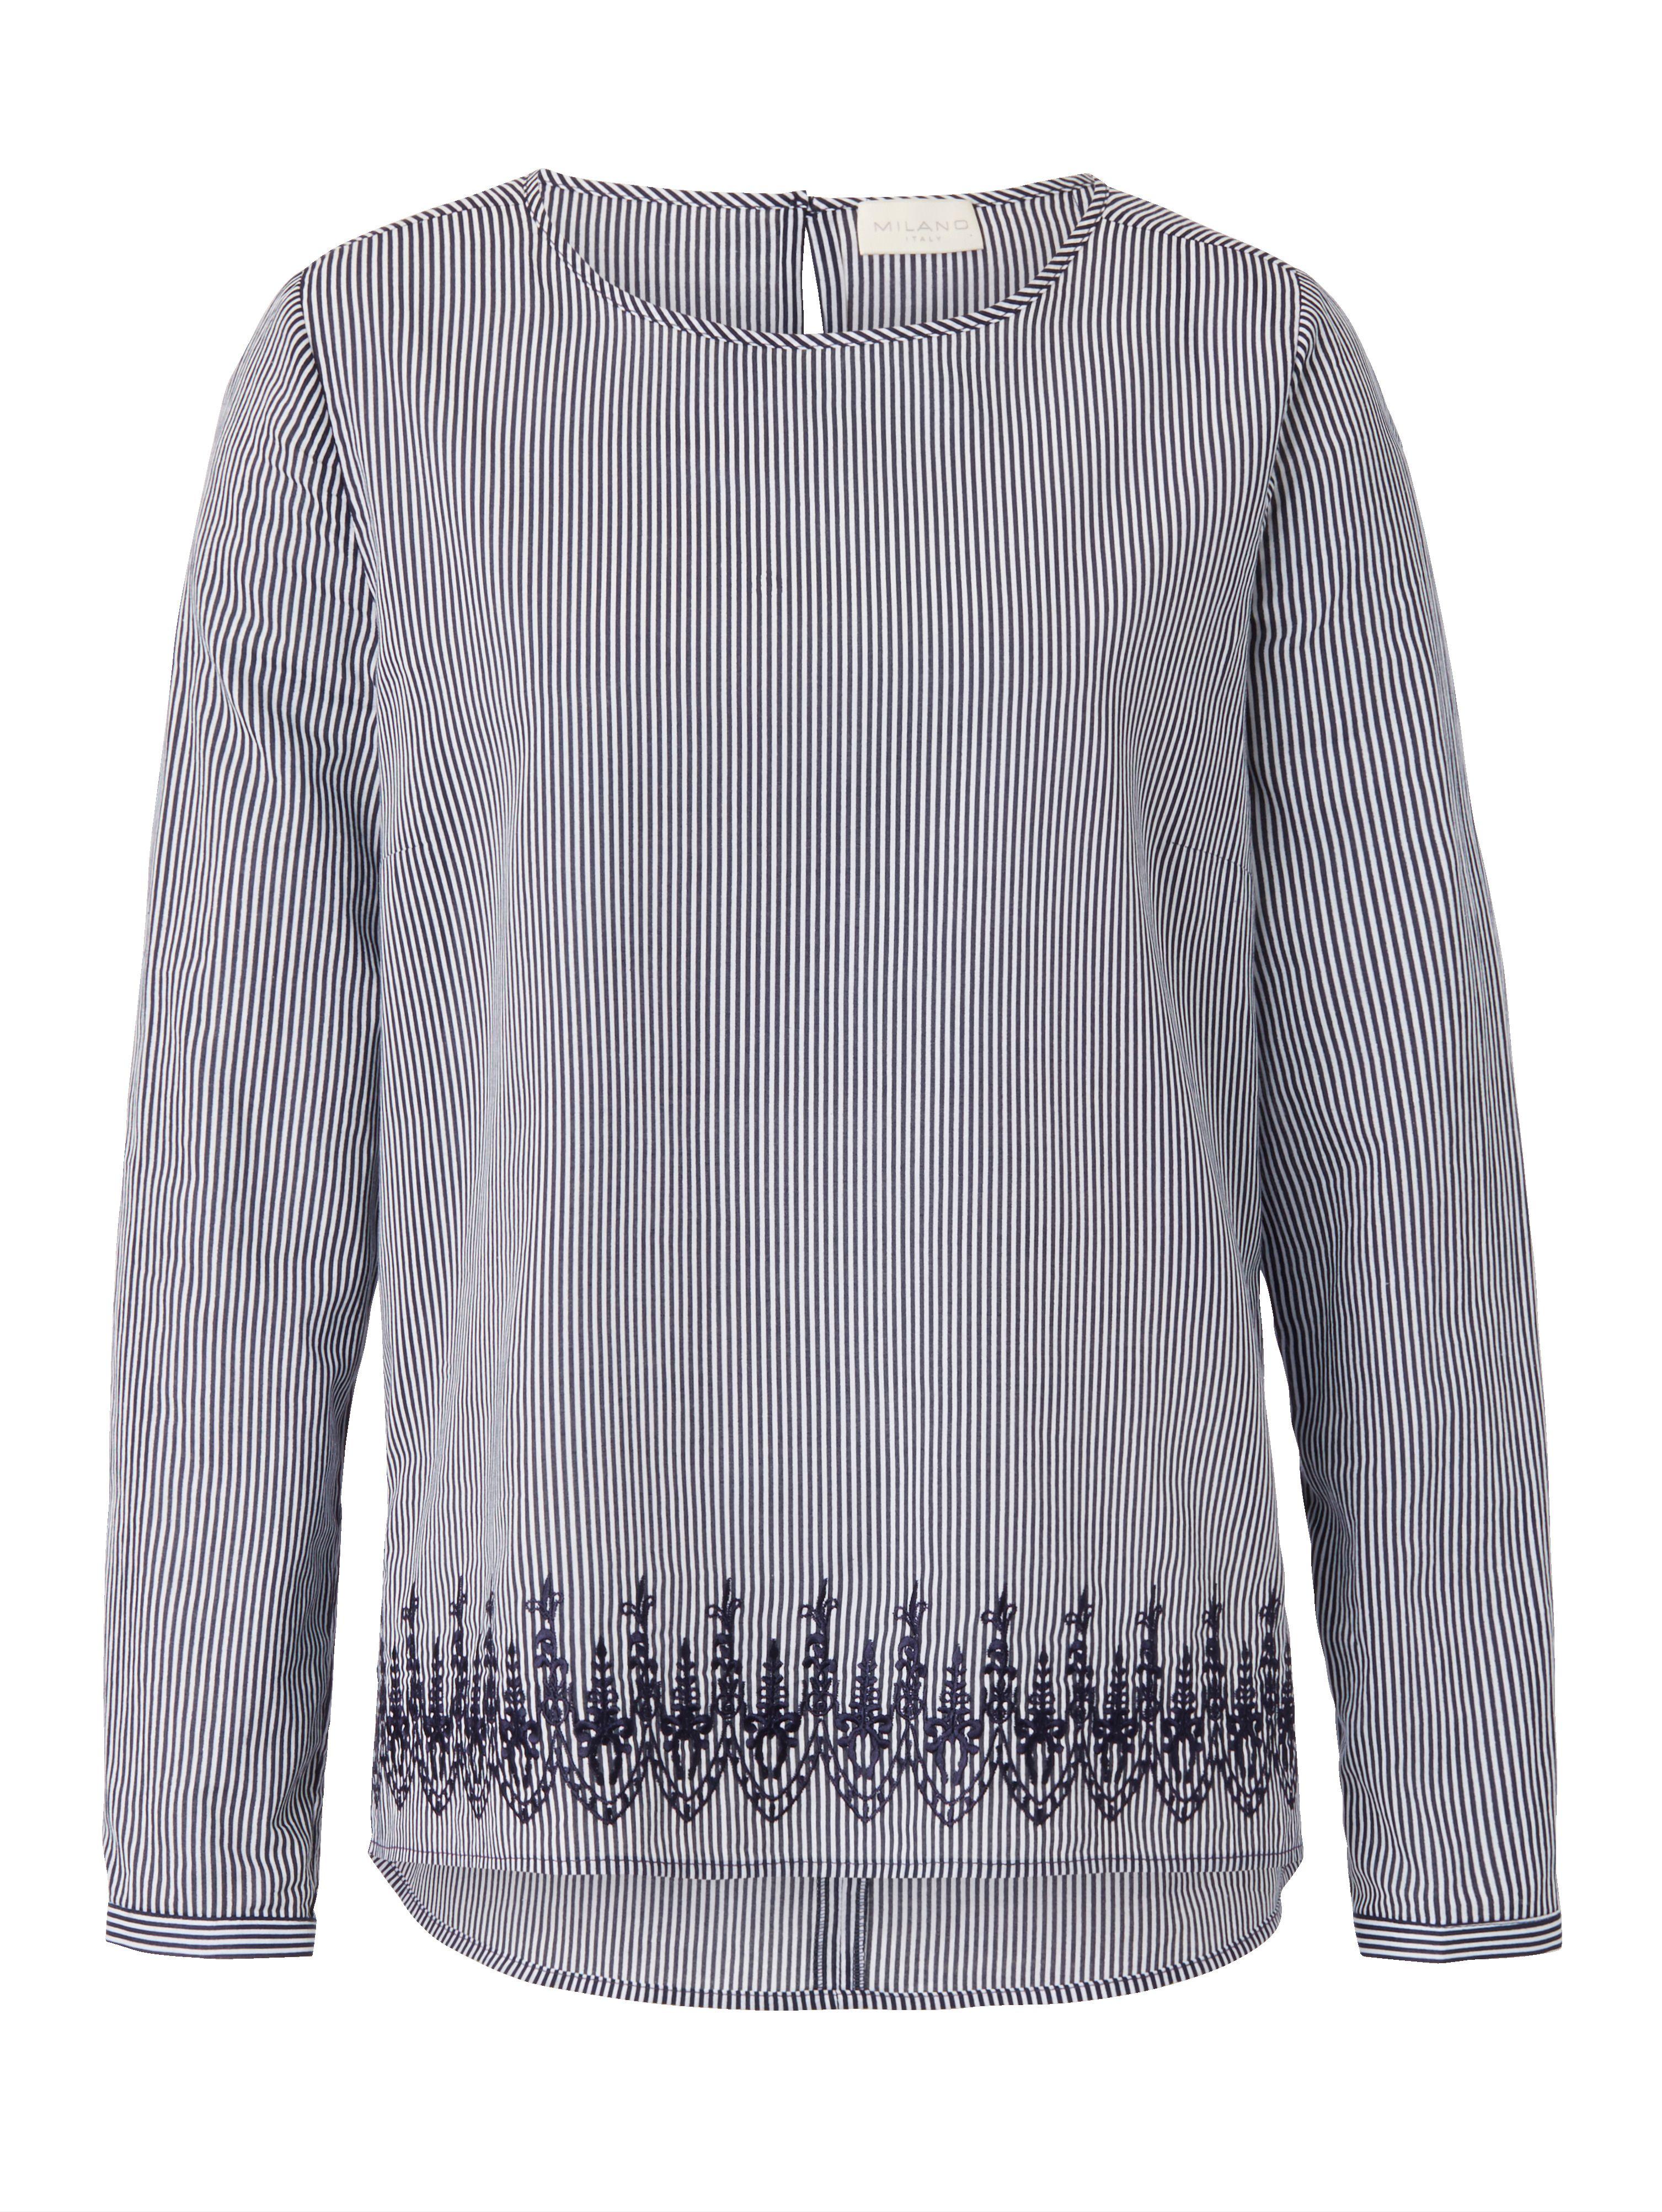 Impressionen De wohndesign bekleidung italy bluse 100 baumwolle